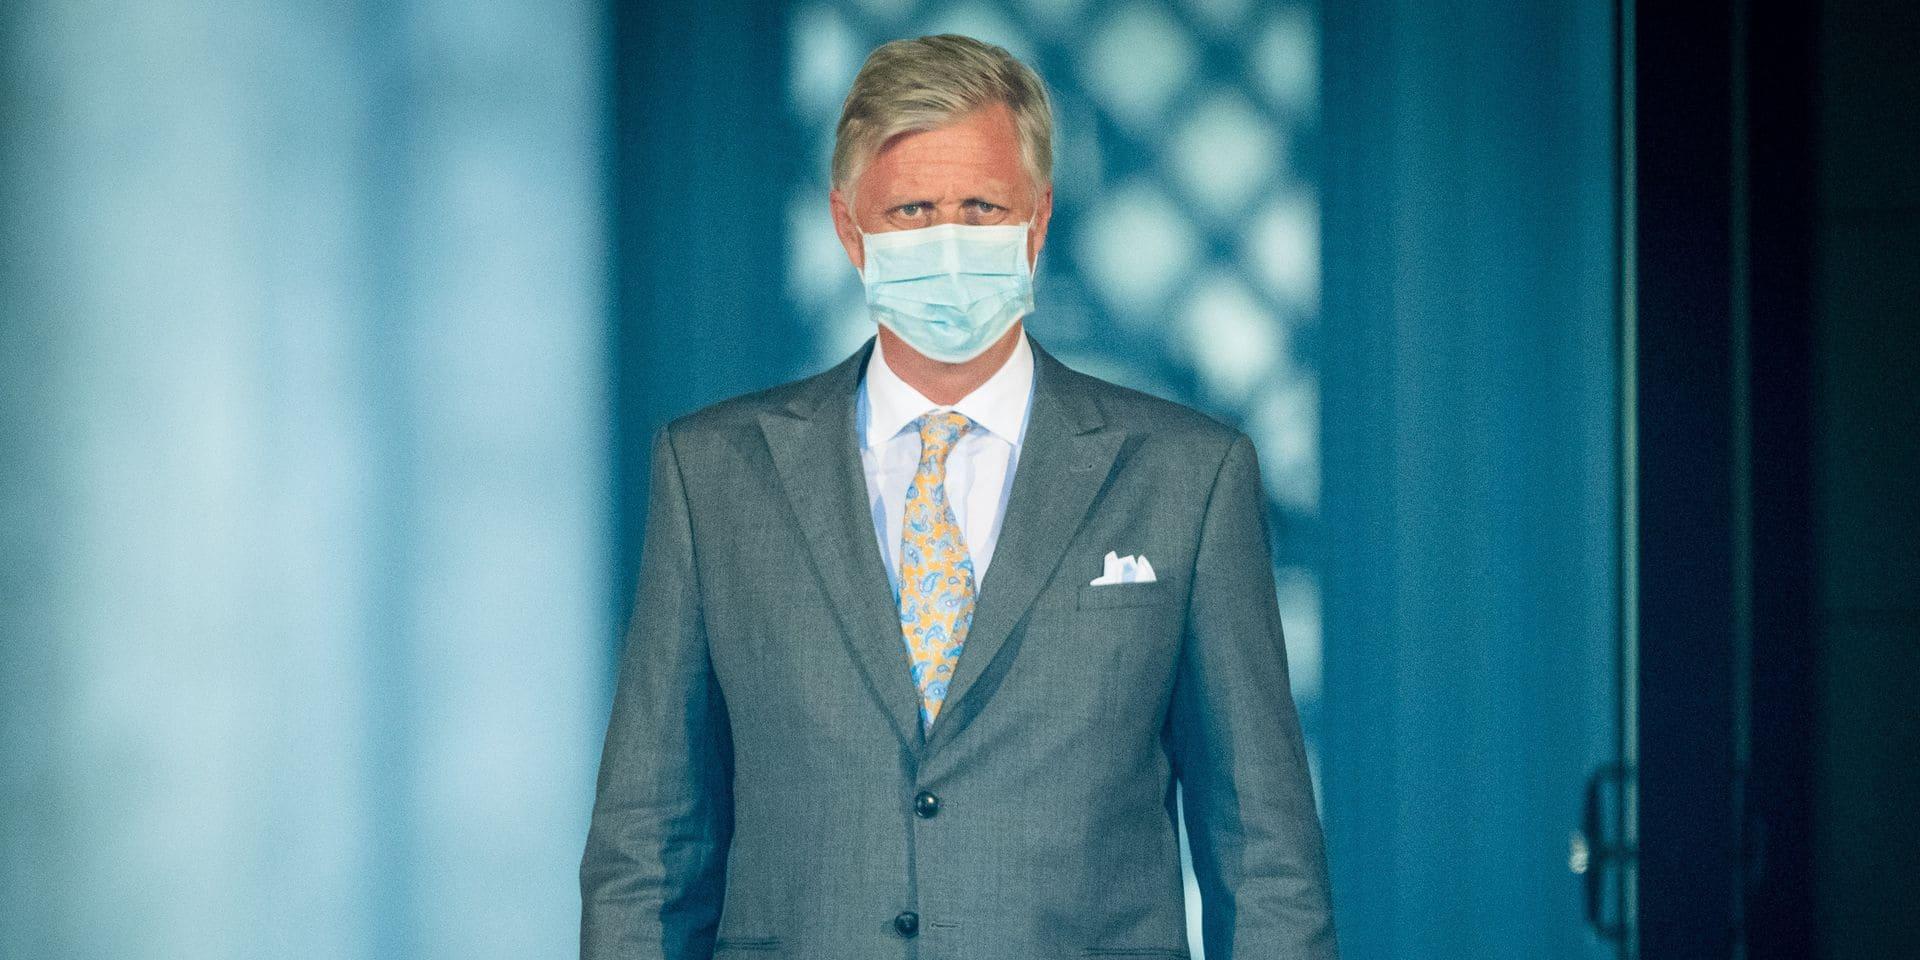 Crise sanitaire oblige, même les familles royales ont dû adapter leurs vacances d'été 2020